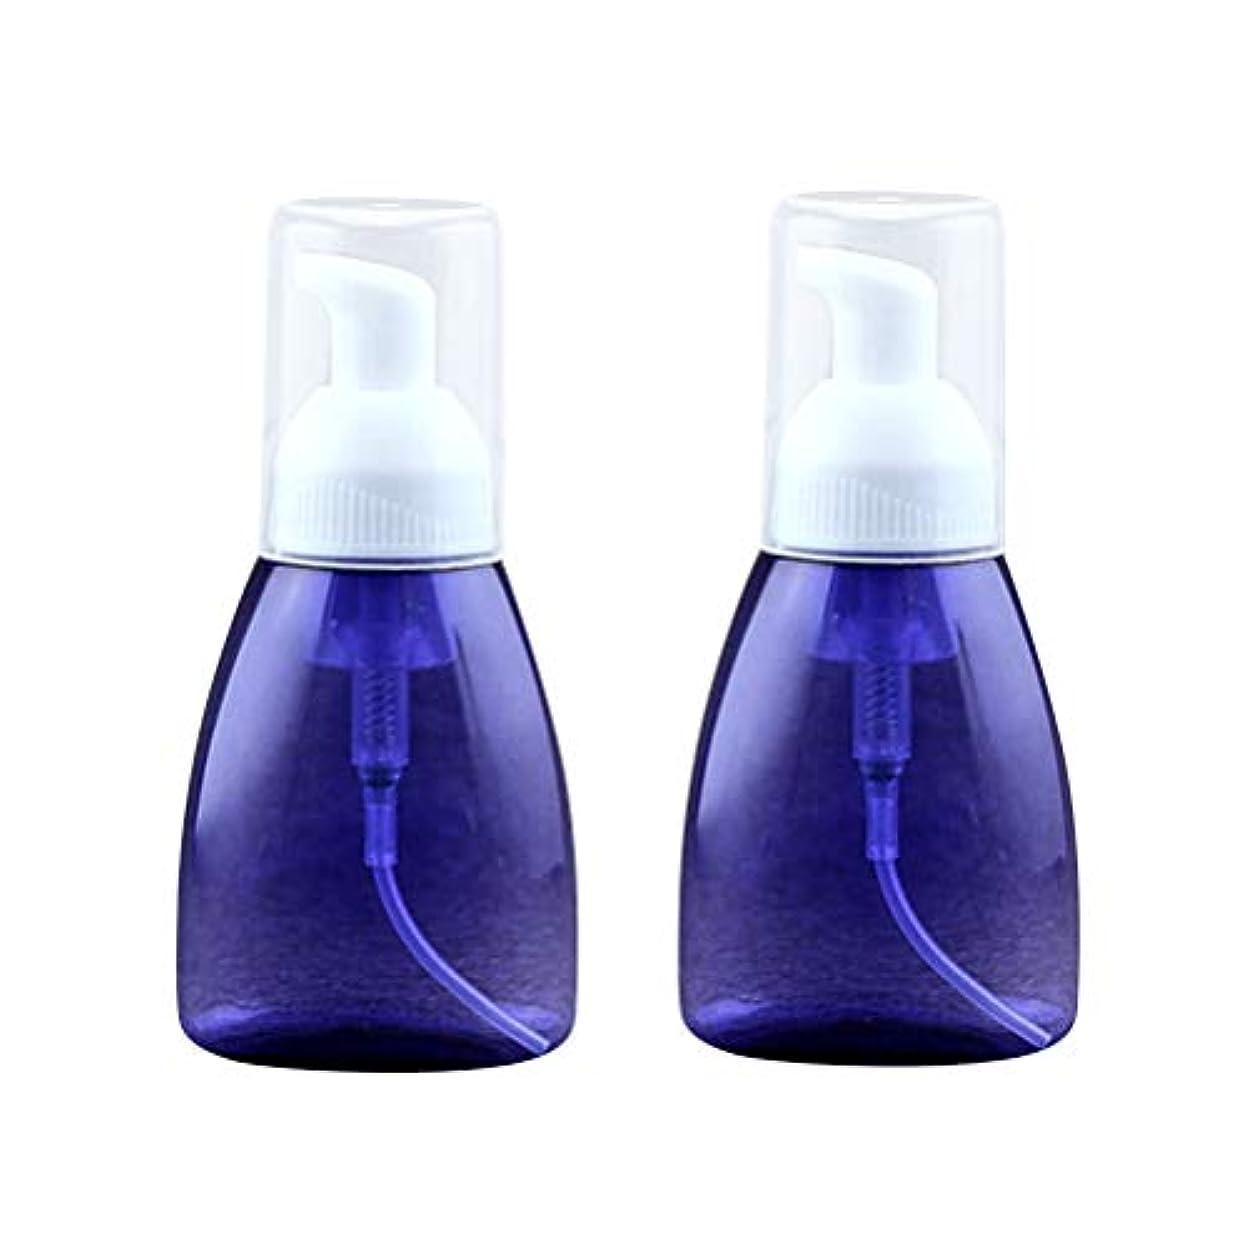 バンジョーバンジョー実現可能SUPVOX 2本発泡ソープディスペンサー詰め替え式プラスチックローションボトル泡ハンドポンプ空のボトル容器クリアトラベルトイレタリーボトル用液体シャンプー80ml(ブルー)